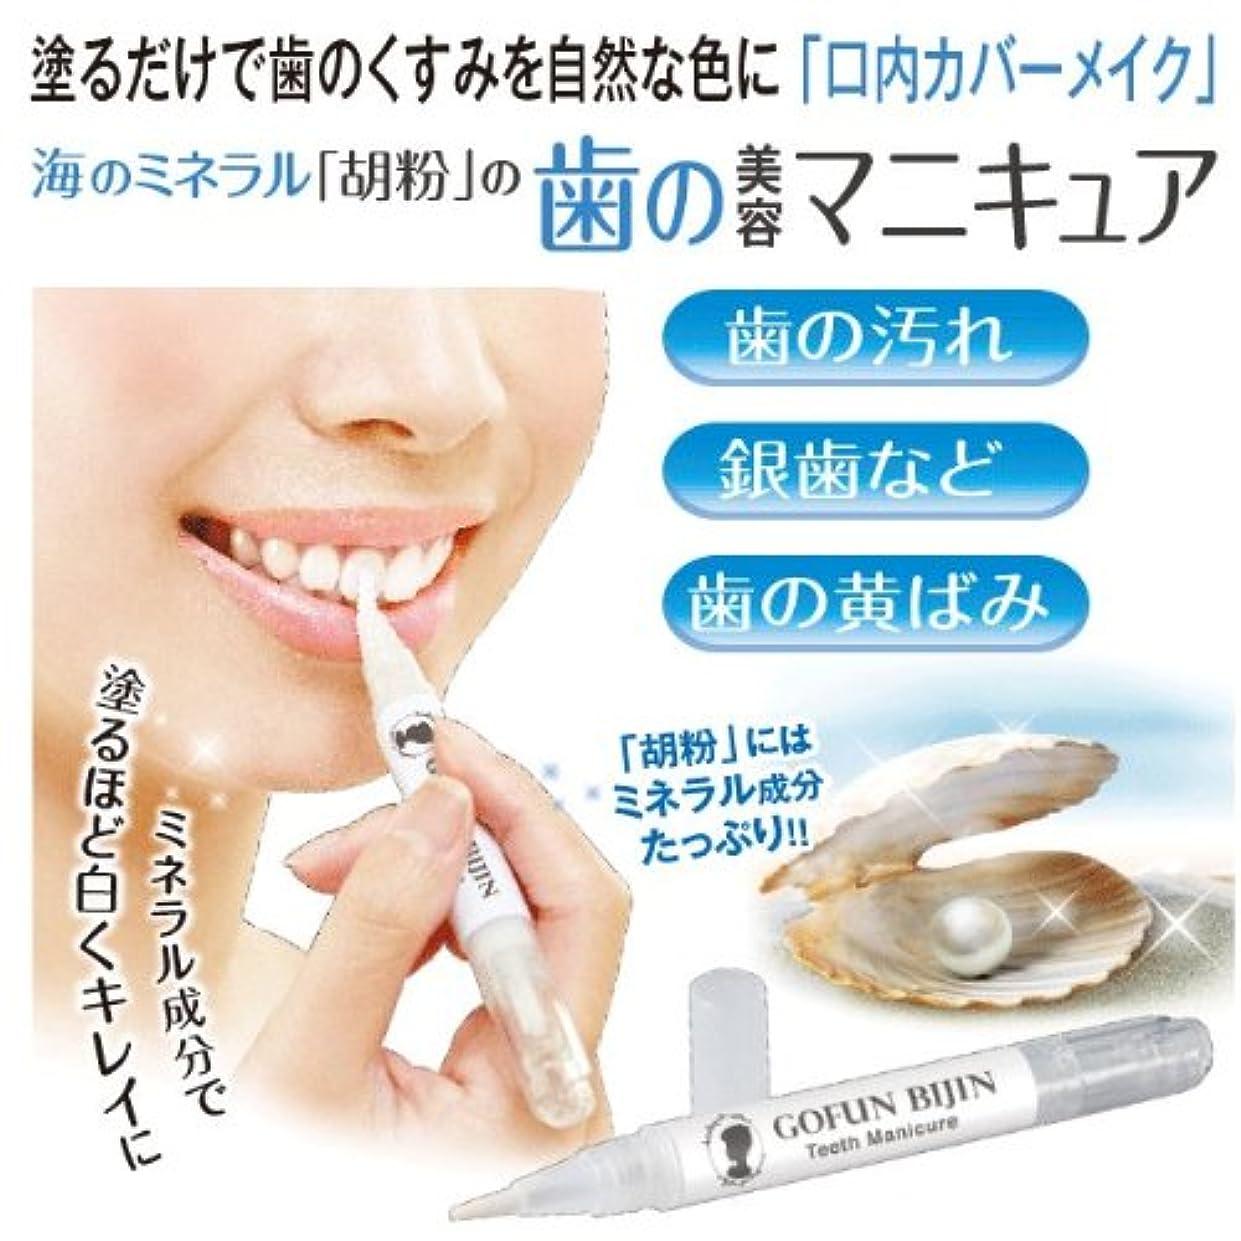 治すプラカードレタッチ胡粉美人 歯マニキュア 歯にミネラルを補給してキレイに